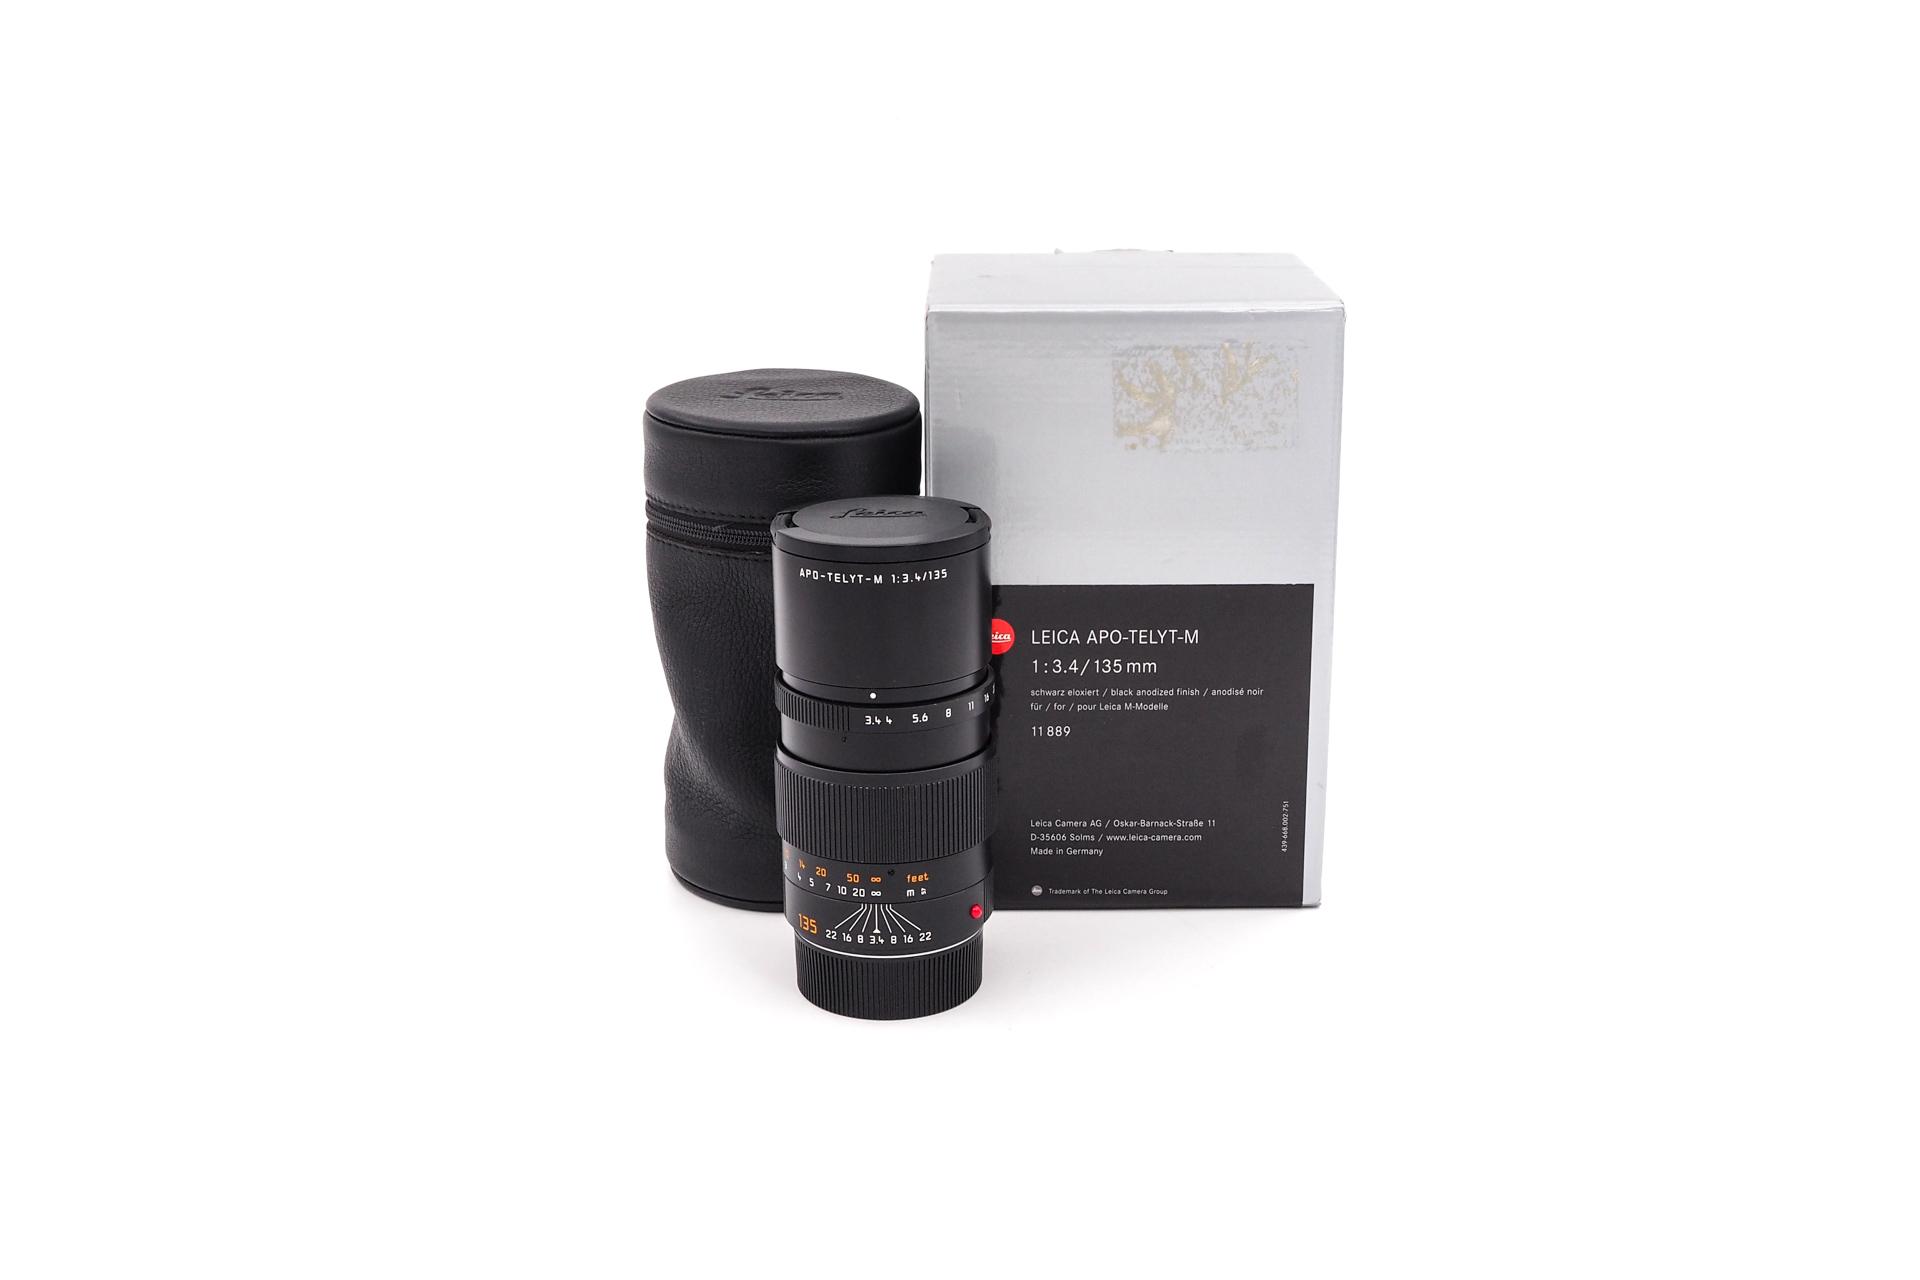 Leica Apo-Telyt-M 1:3.4/135